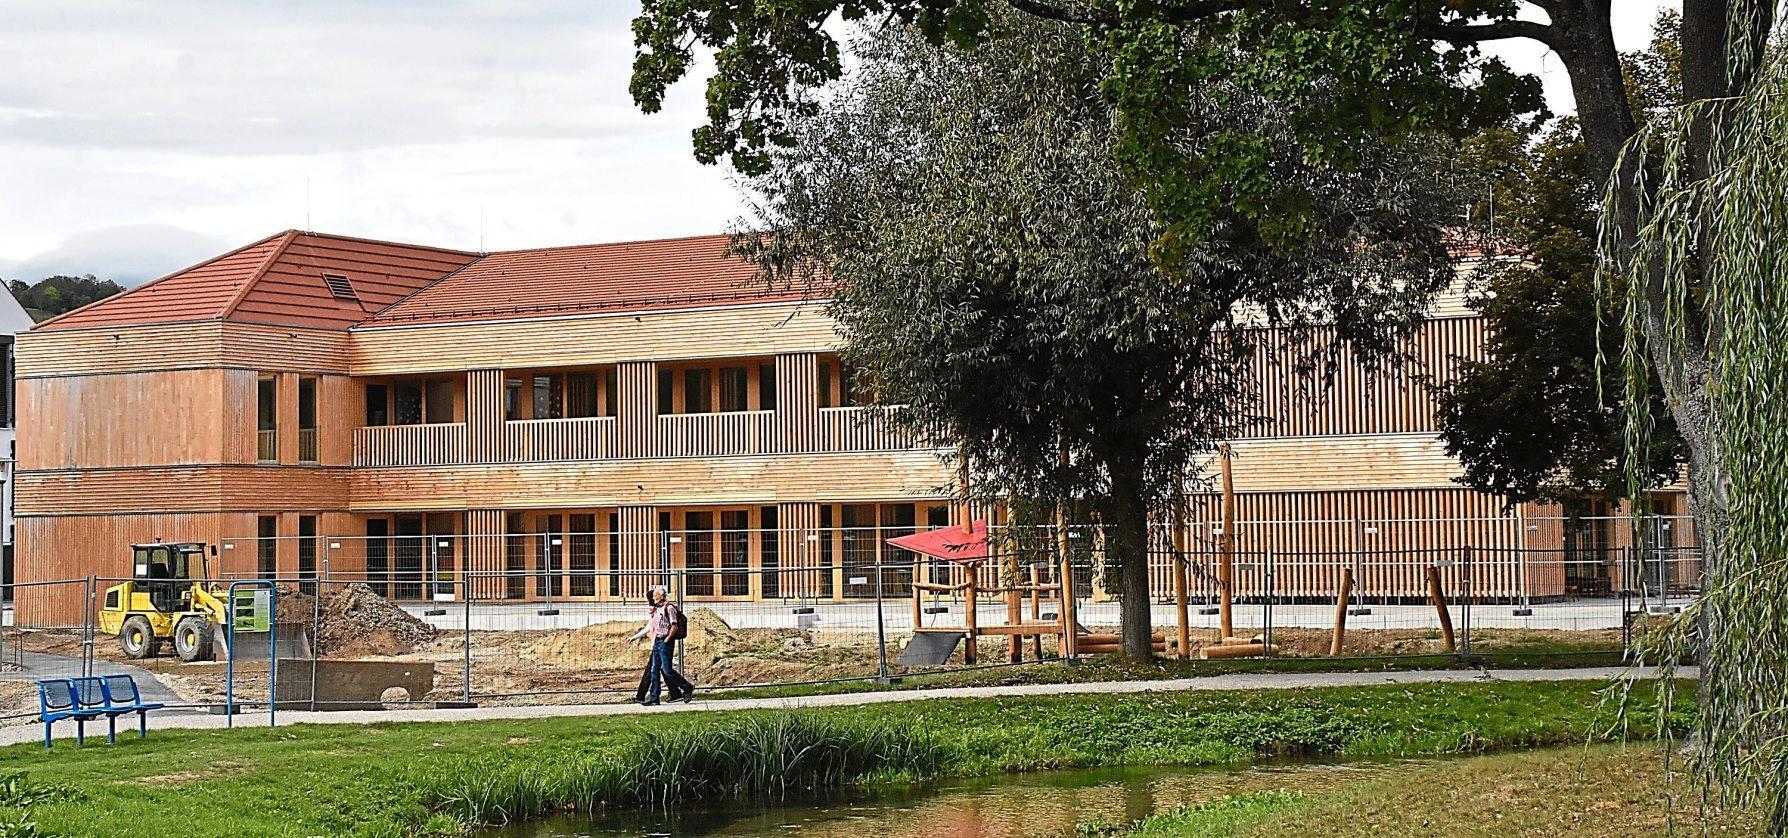 Der neue Franziskus-Kindergarten wurde in zeitgemäßer Holzbauweise errichtet. Er befindet sich in kirchlicher Trägerschaft. Fotos: Nusko